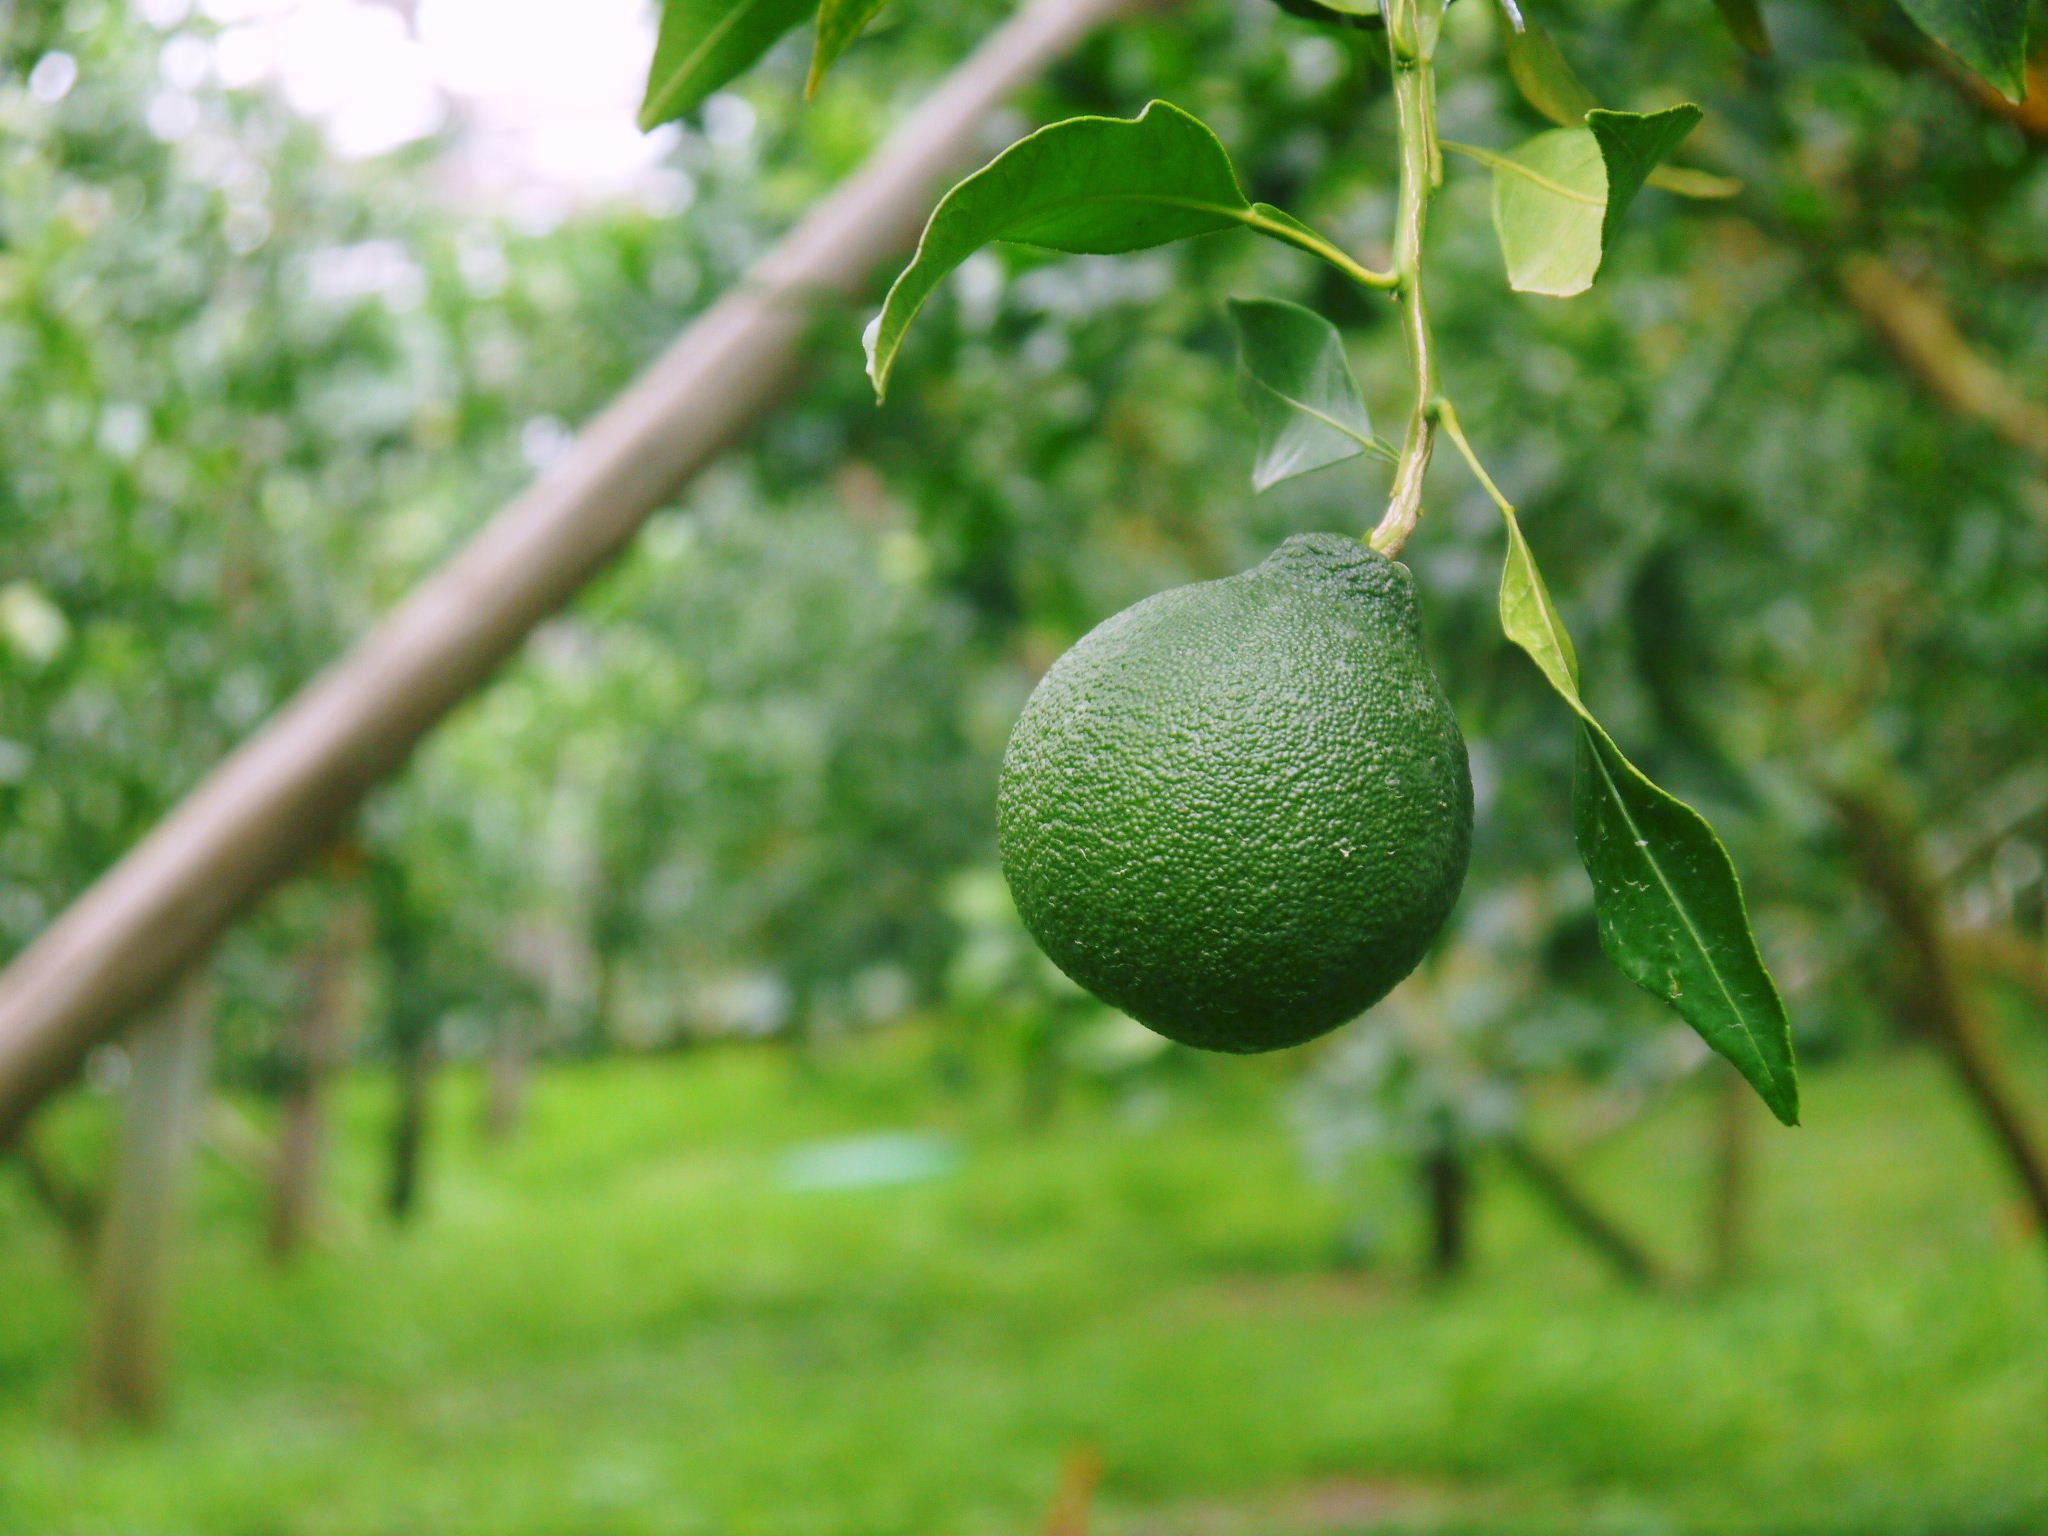 デコポン(肥後ポン) 果実を大きく成長させる匠の水管理と来年のための夏芽の話!後編_a0254656_17034905.jpg